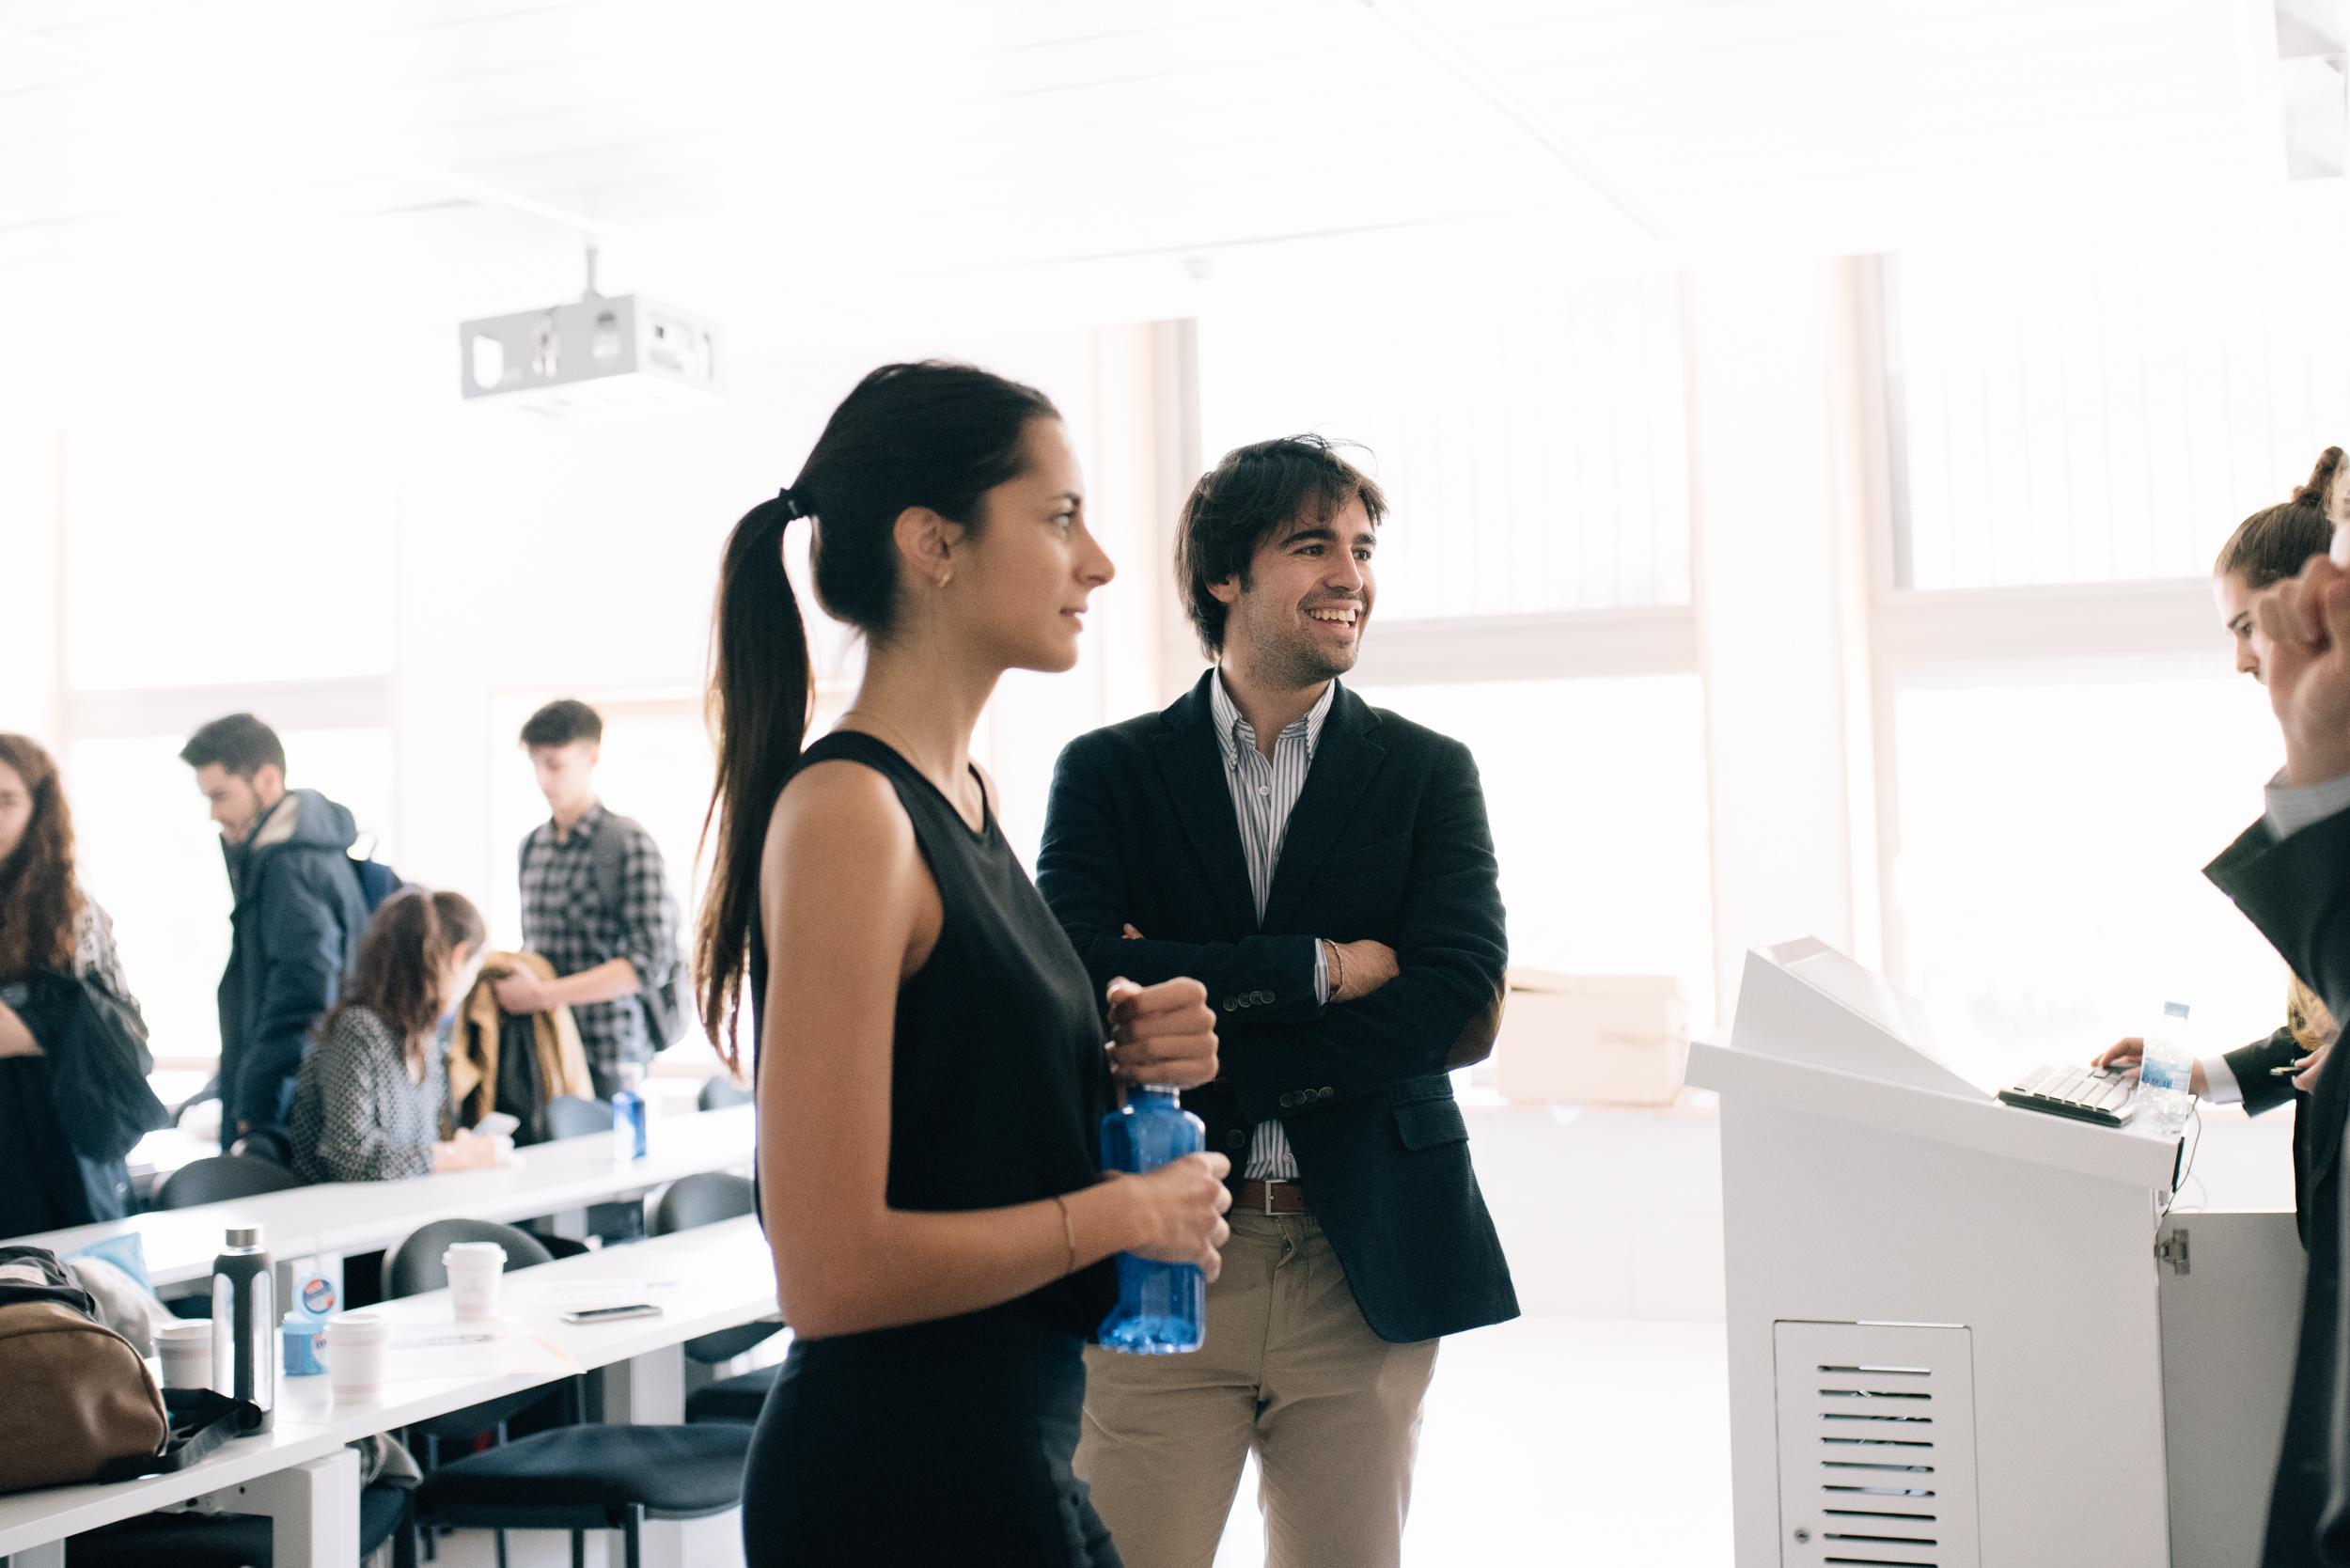 ¡Únete a nuestra comunidad! - Si eres estudiante de nuestra universidad y la consultoría es lo tuyo o, simplemente, quieres saber más acerca de ella, ¡cumples todos los requisitos para formar parte de esta asociación!Convertirte en miembro te permitirá:Conocer a otros estudiantes con tus mismas inquietudes con los que compartir experiencias y conocimientos sobre la consultoría.Mantenerte informado de todas las oportunidades que ofrece el sector.Acceder a los recursos de case interviews de la asociación.Acceso preferente e información de primera mano sobre los eventos con empresas.Disfrutar de la vida universitaria que existe más allá de las aulas asistiendo a nuestros eventos de team building.Todos los miembros contribuyen con una cuota anual de 10€ destinada al mantenimiento y organización de las actividades de la asociación.